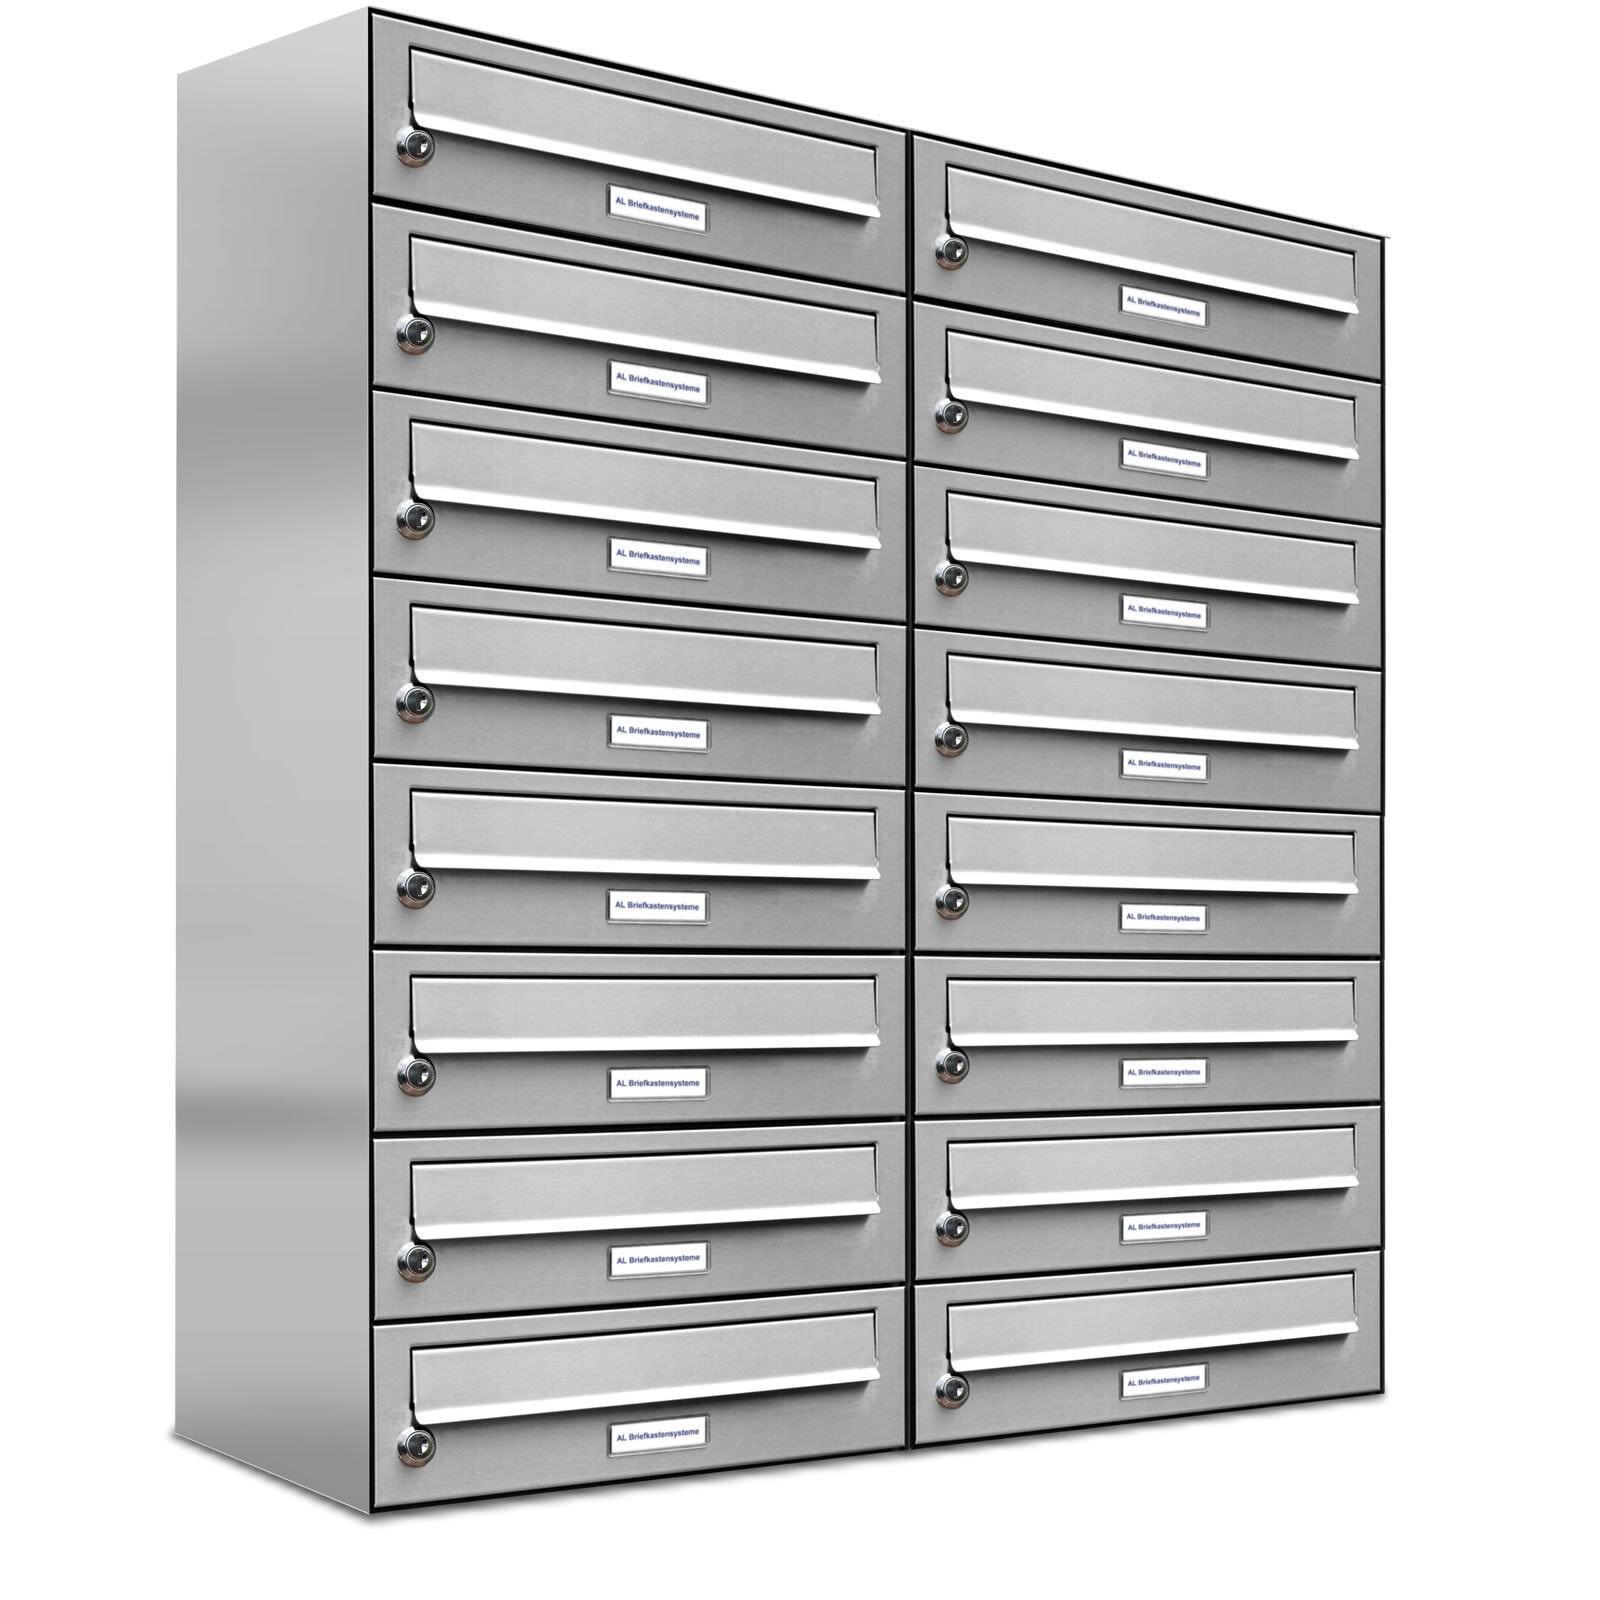 16er Premium Edelstahl Briefkasten Anlage 16 Fach Wandbriefkasten A4 Postkasten